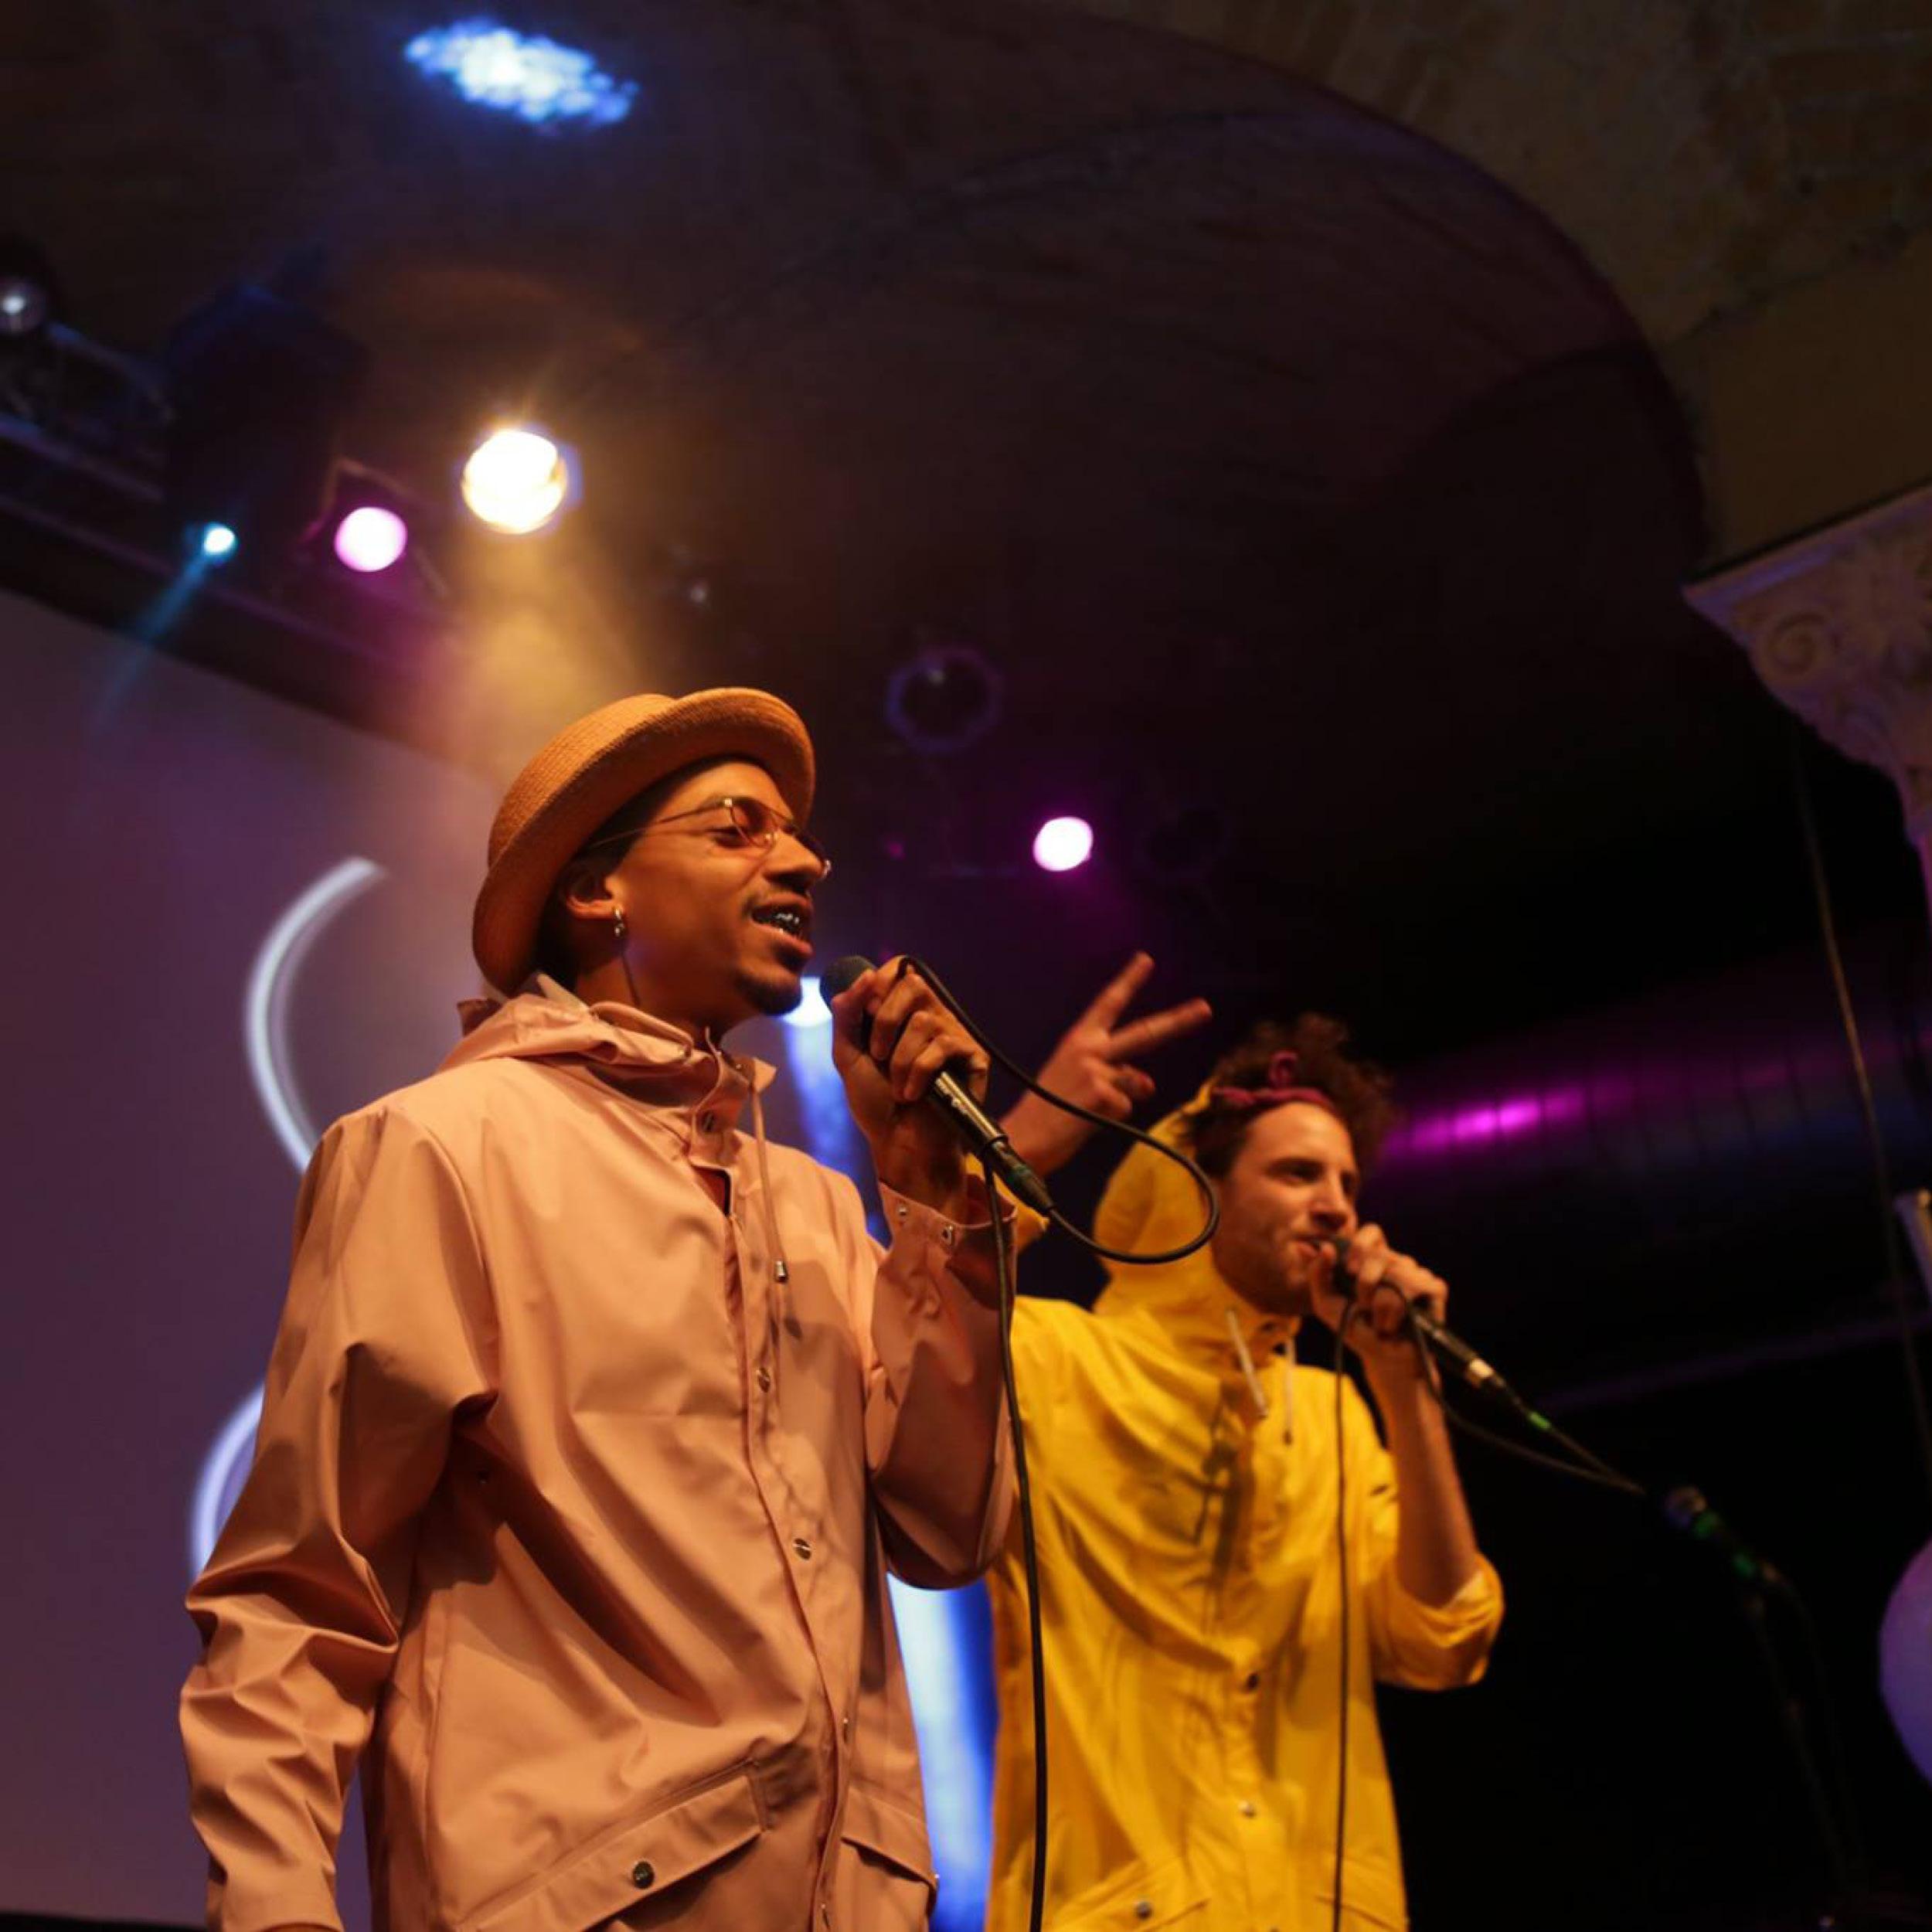 Pauly und Sydney auf der Bühne